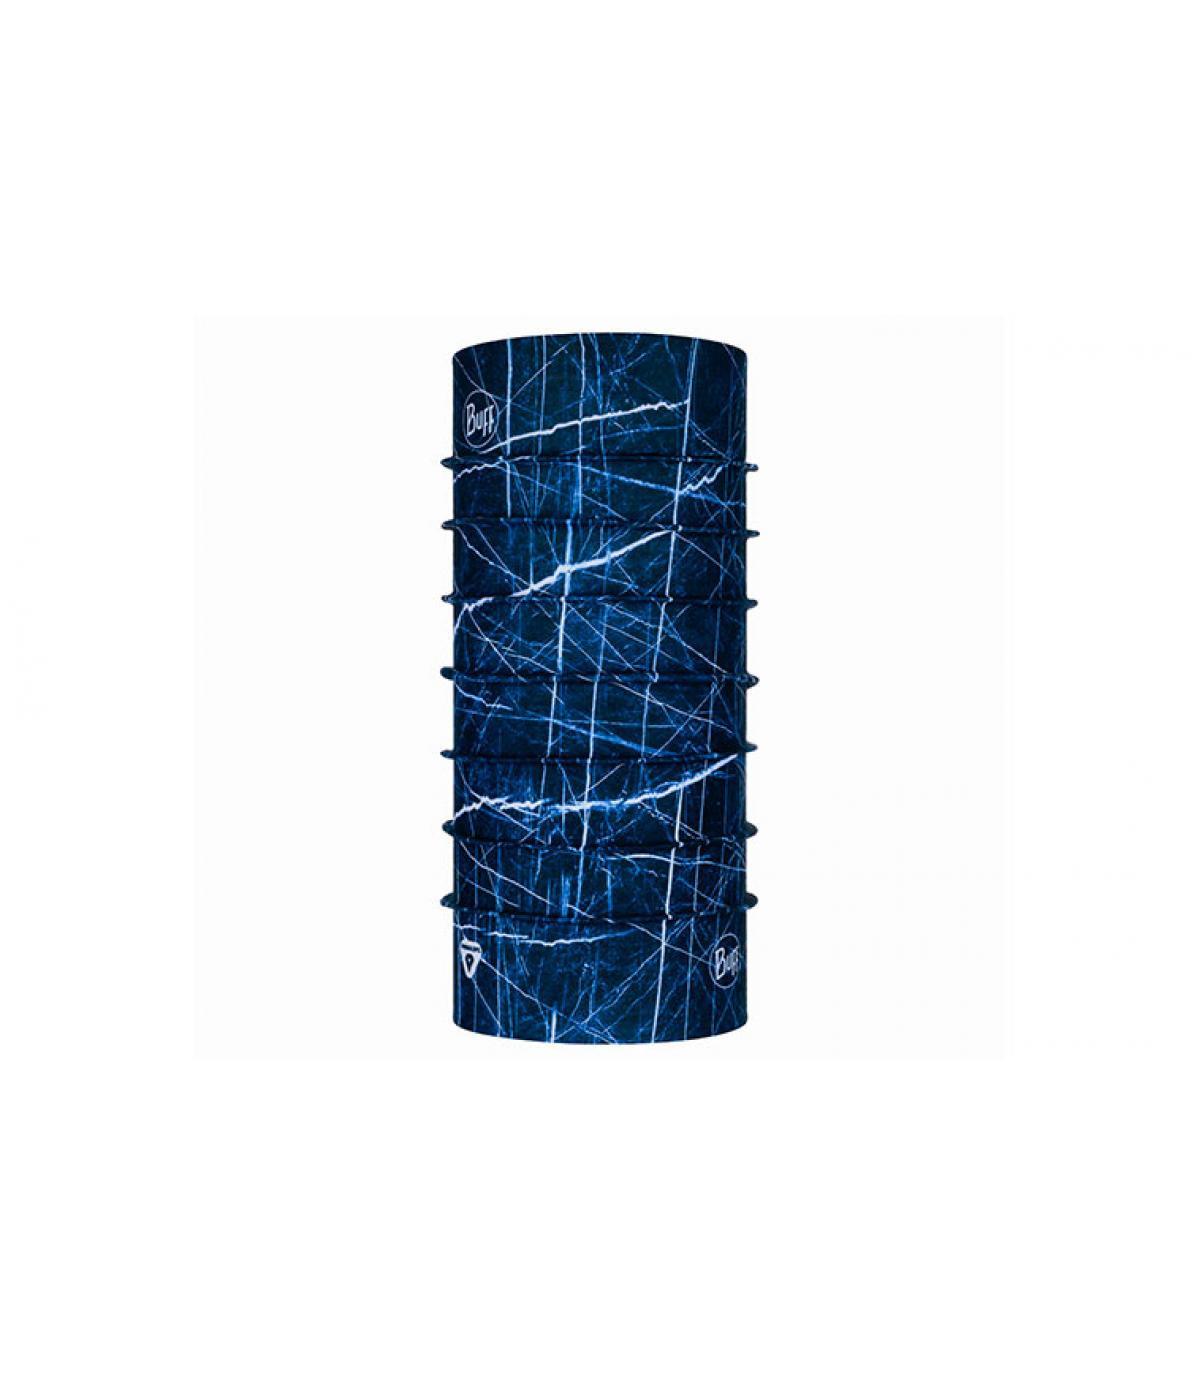 Buff chaud imprimé bleu